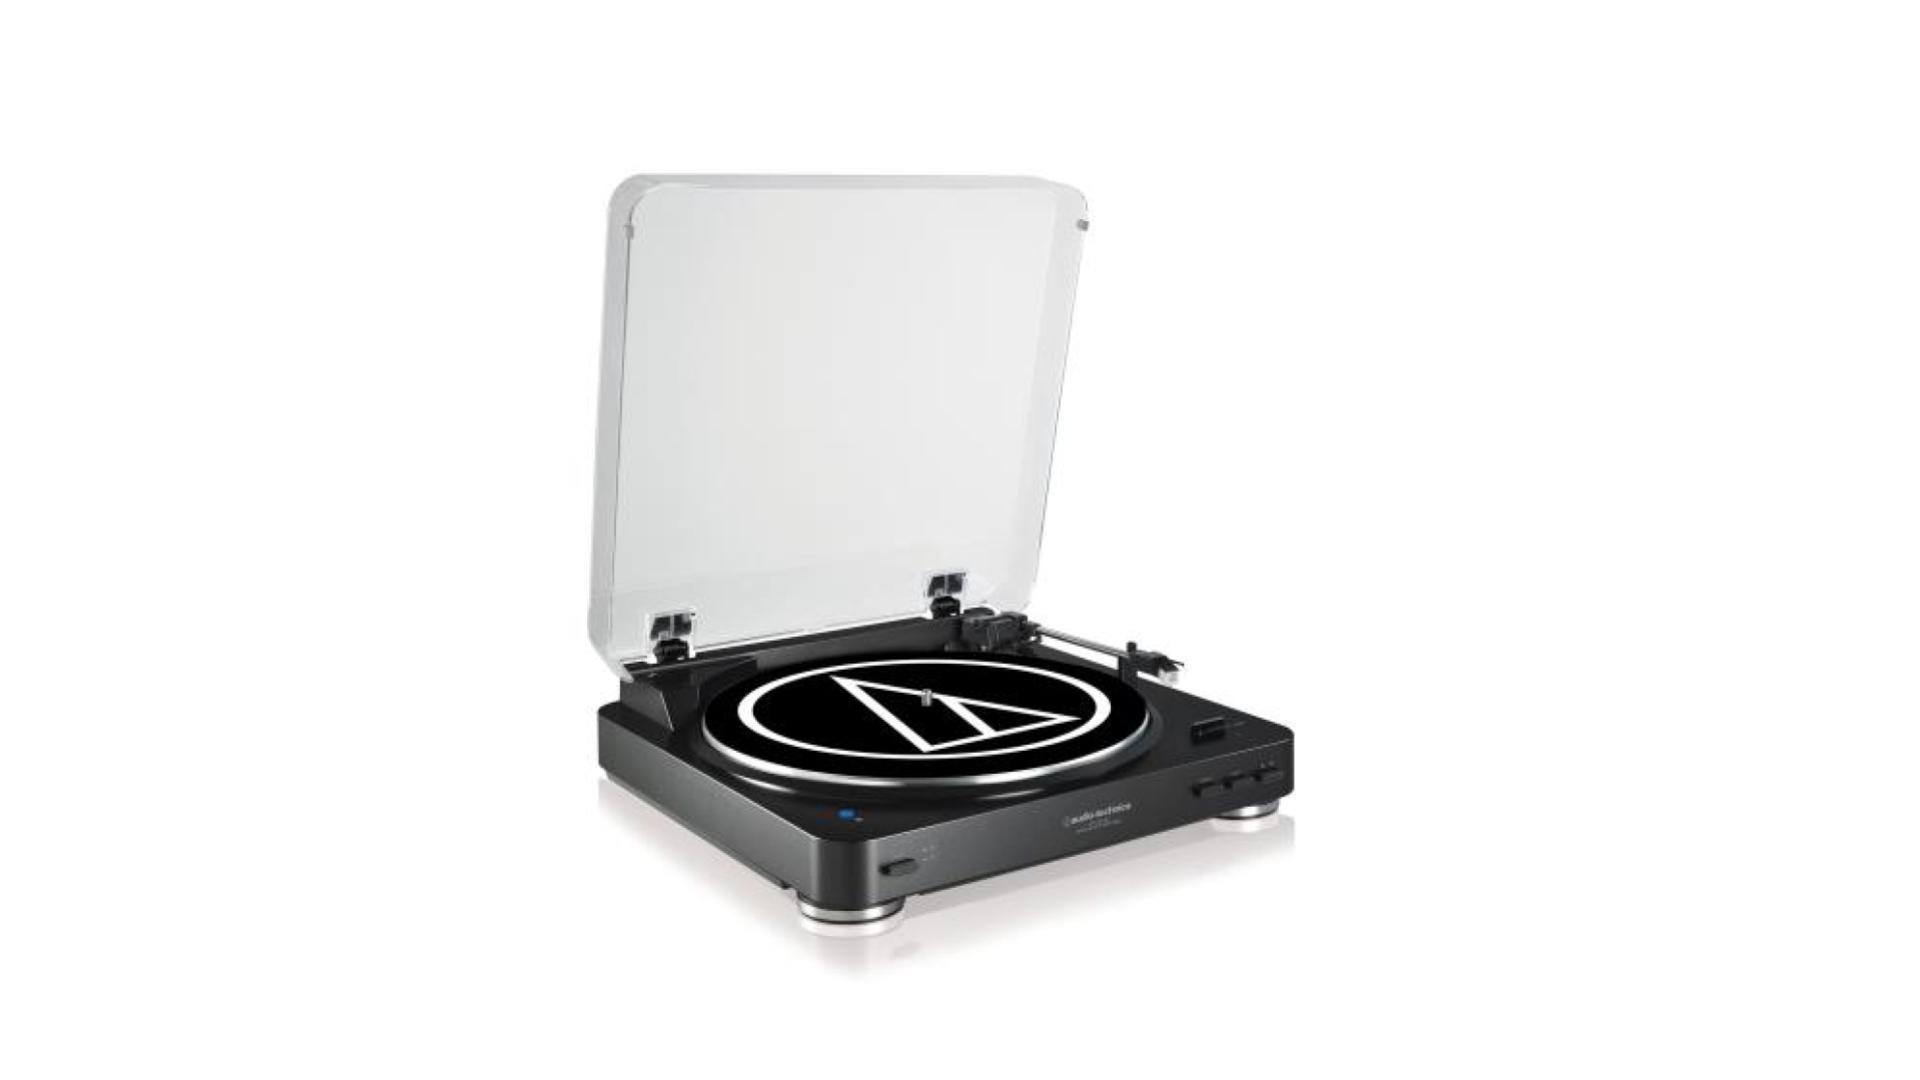 🔥 Cyber Monday : la platine Audio Technica LP60 Bluetooth à 169,99 euros au lieu de 229 euros